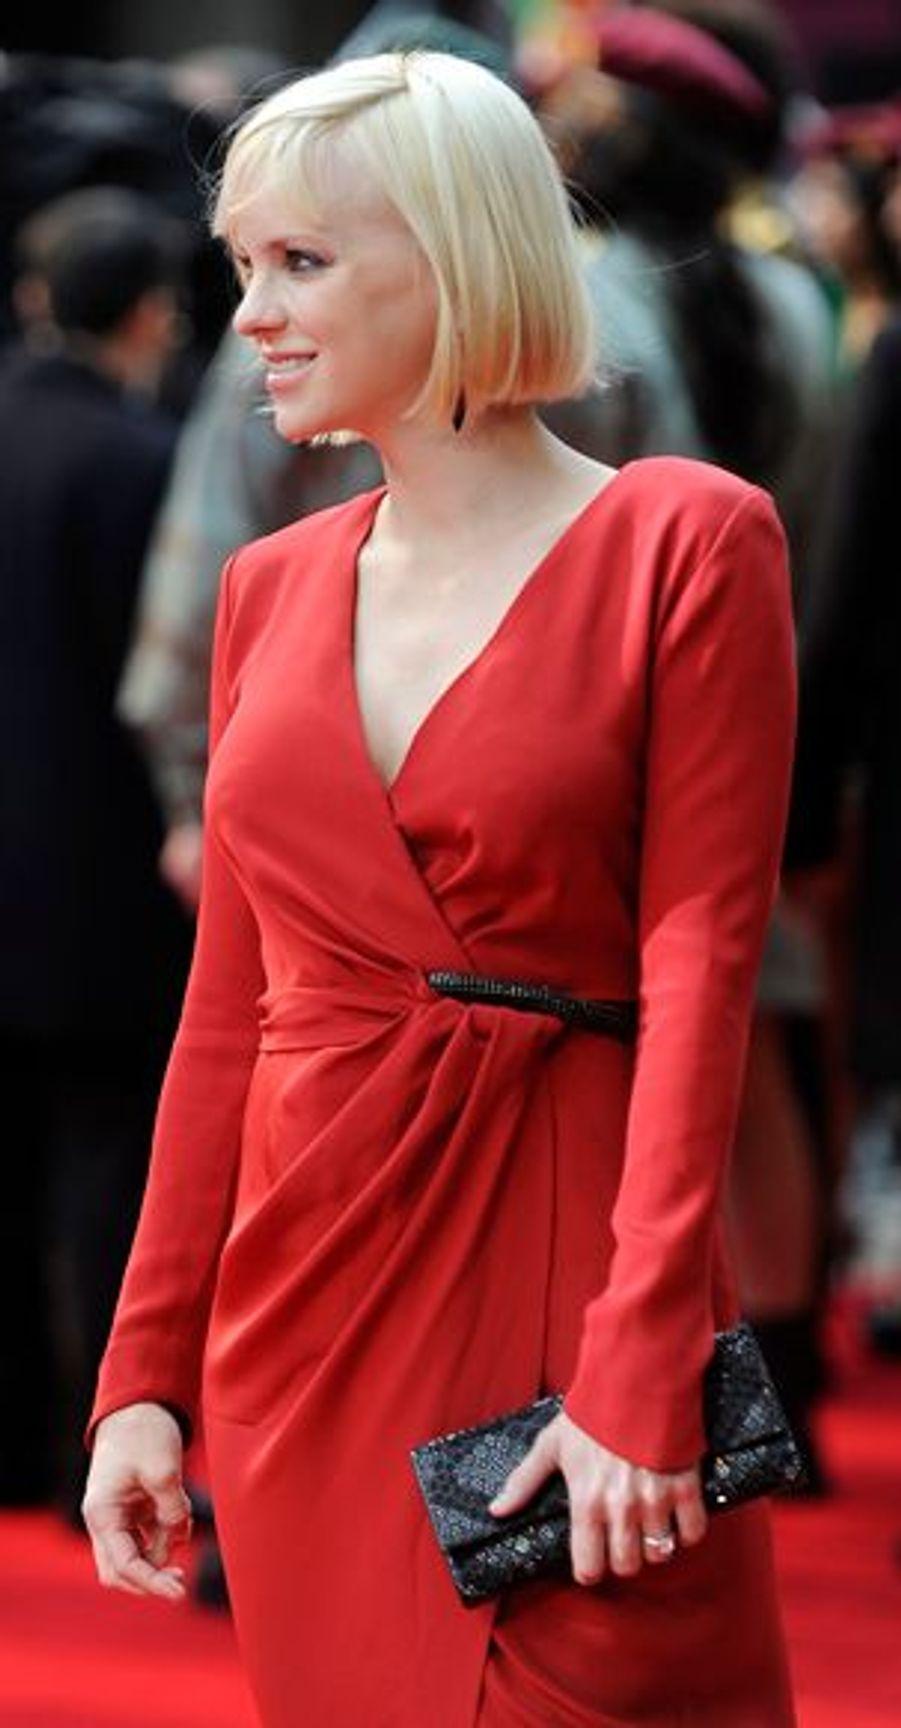 La belle Américaine tient un des premiers rôles féminins.